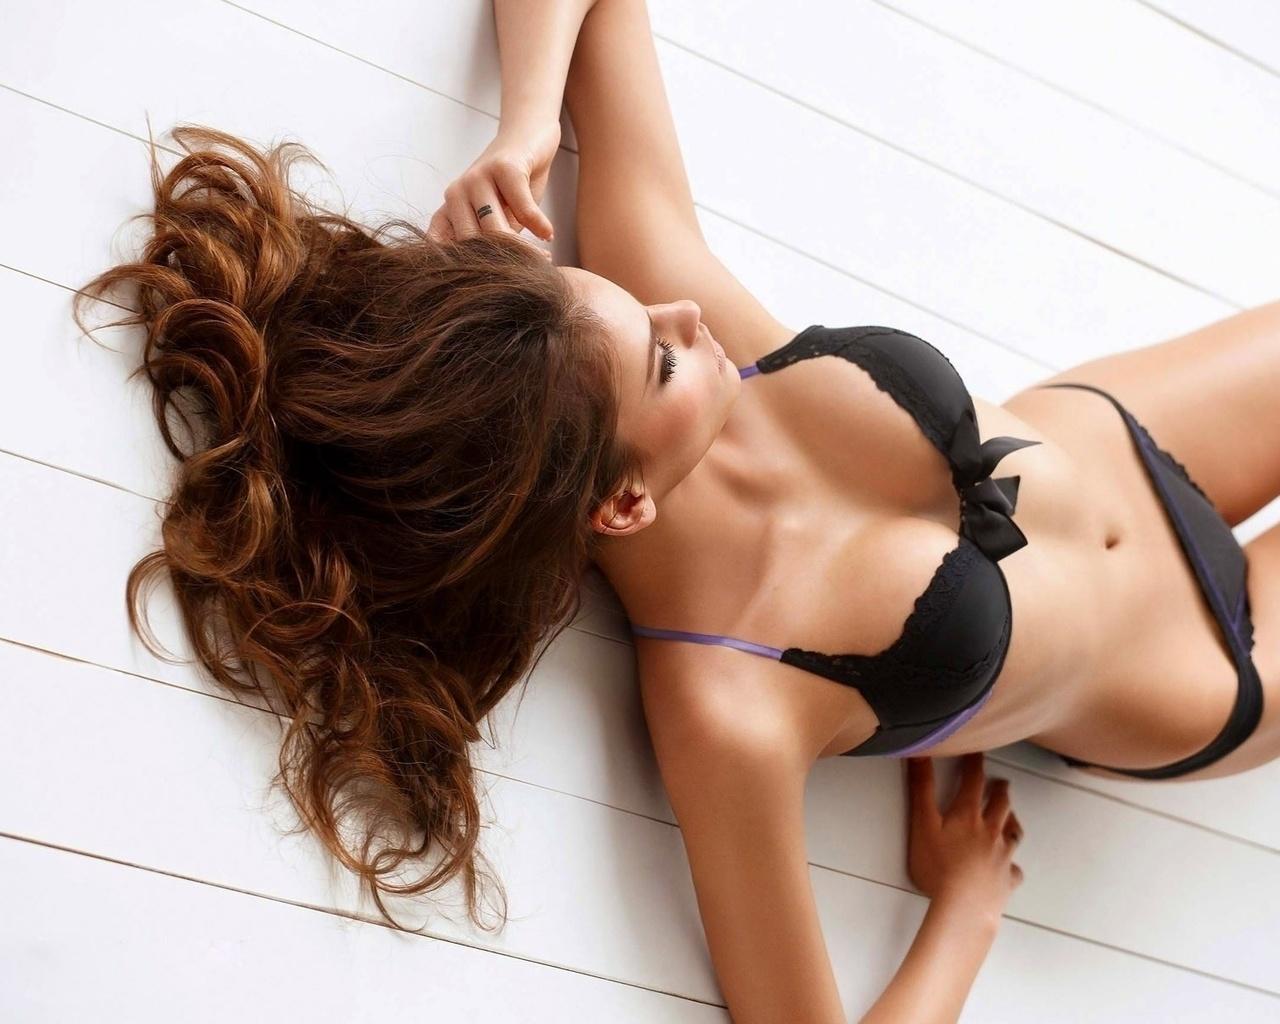 Самые красивые тела телки, Порно онлайн: Красивое тело - смотреть бесплатно 24 фотография